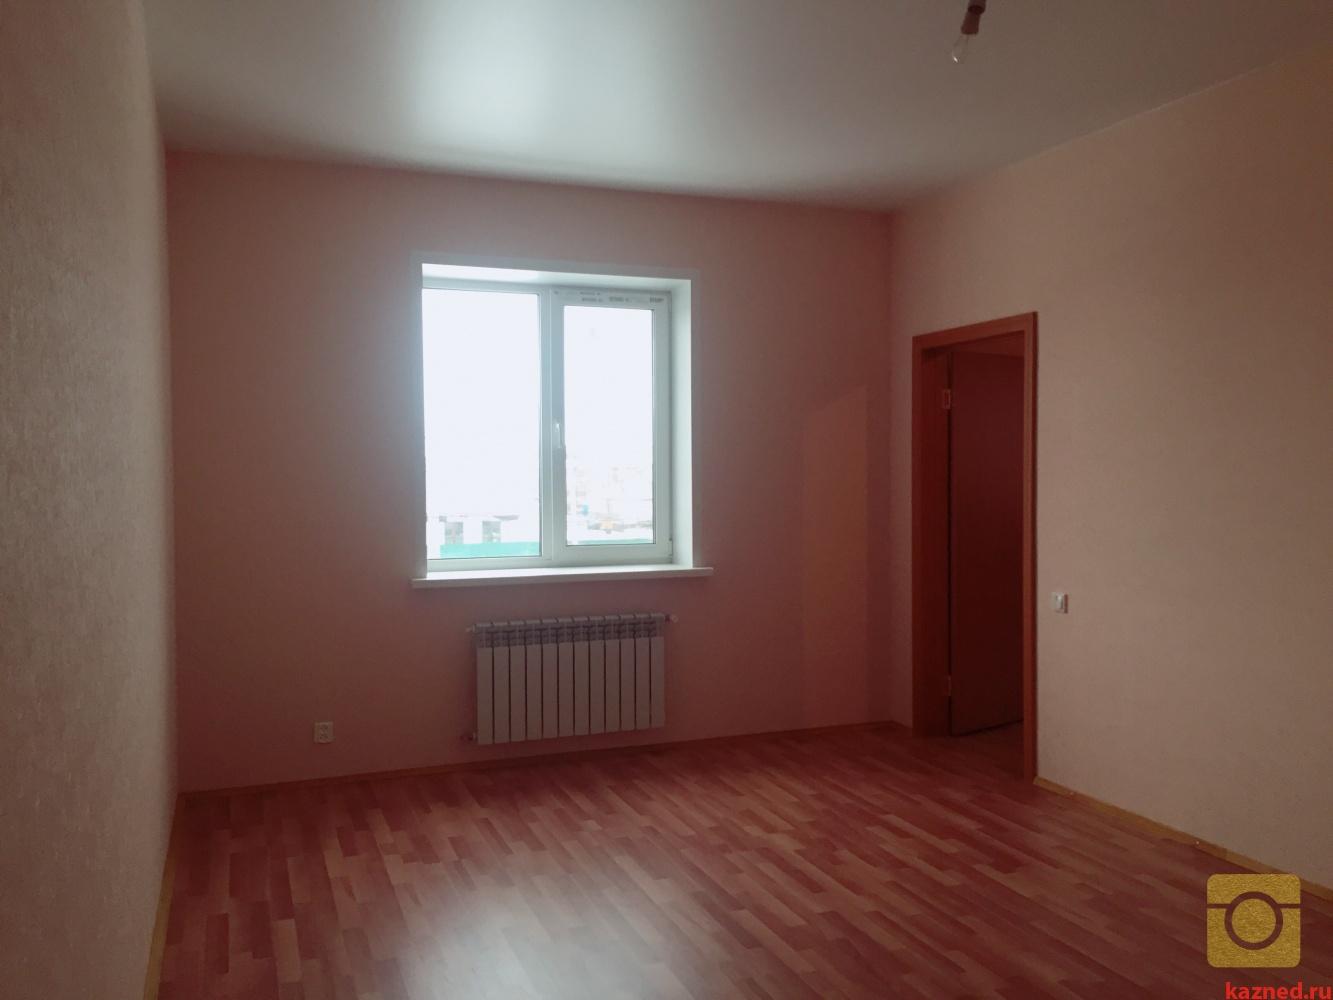 Продажа 3-к квартиры молодецкого 25б, 103 м²  (миниатюра №17)